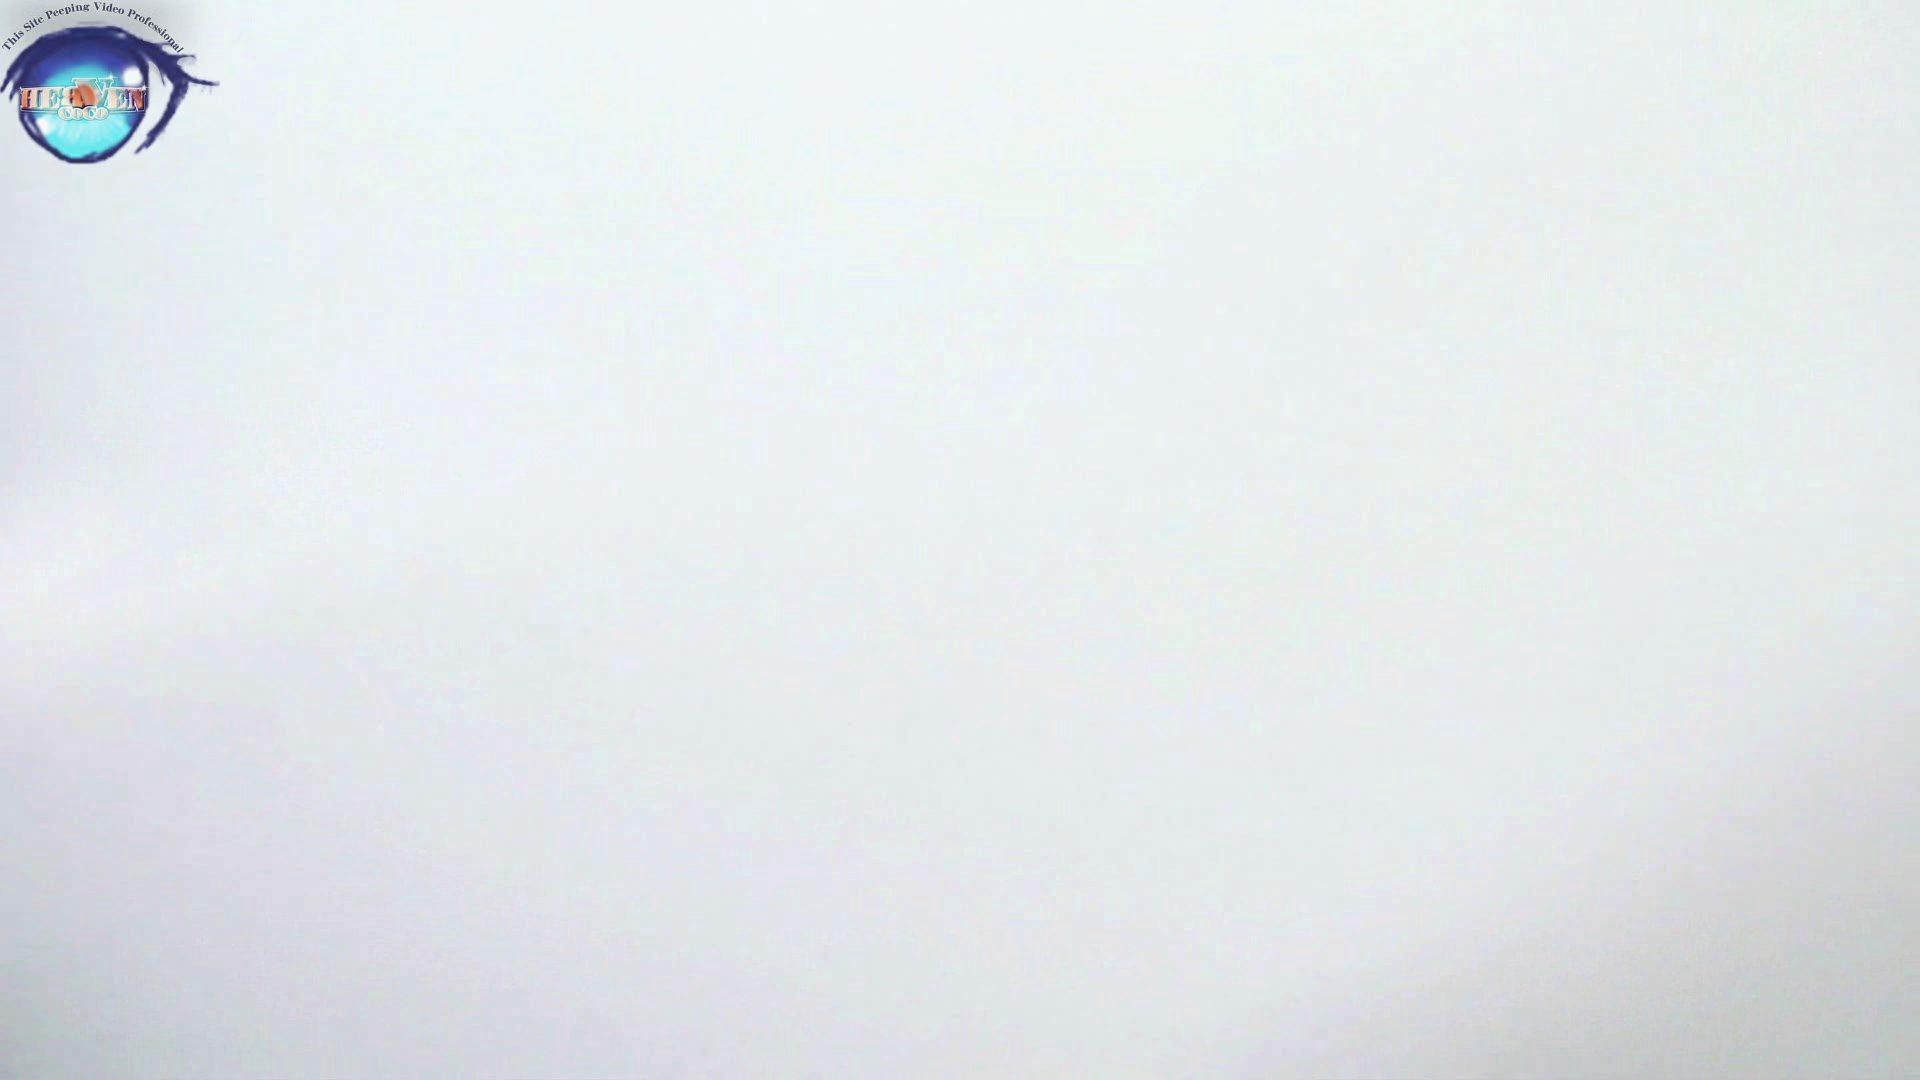 洗面所突入レポート!!お銀 vol.67 新たな場所への挑戦が始まる!!後編 OLのエロ生活 | トイレ  95連発 43